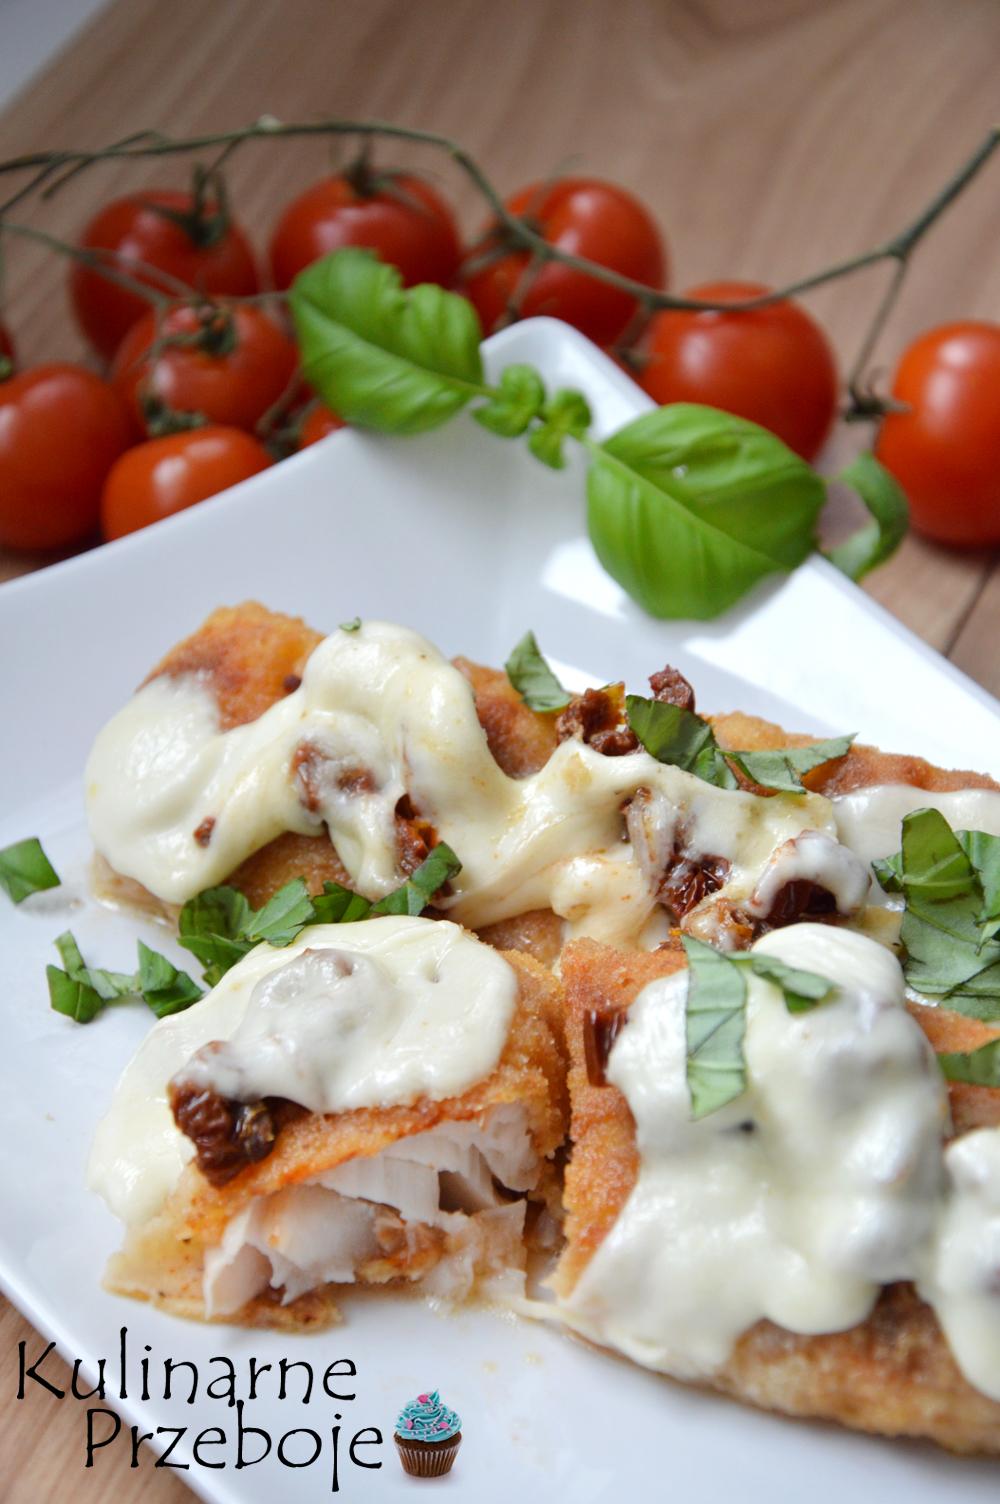 Dorsz panierowany z suszonymi pomidorami i mozzarellą